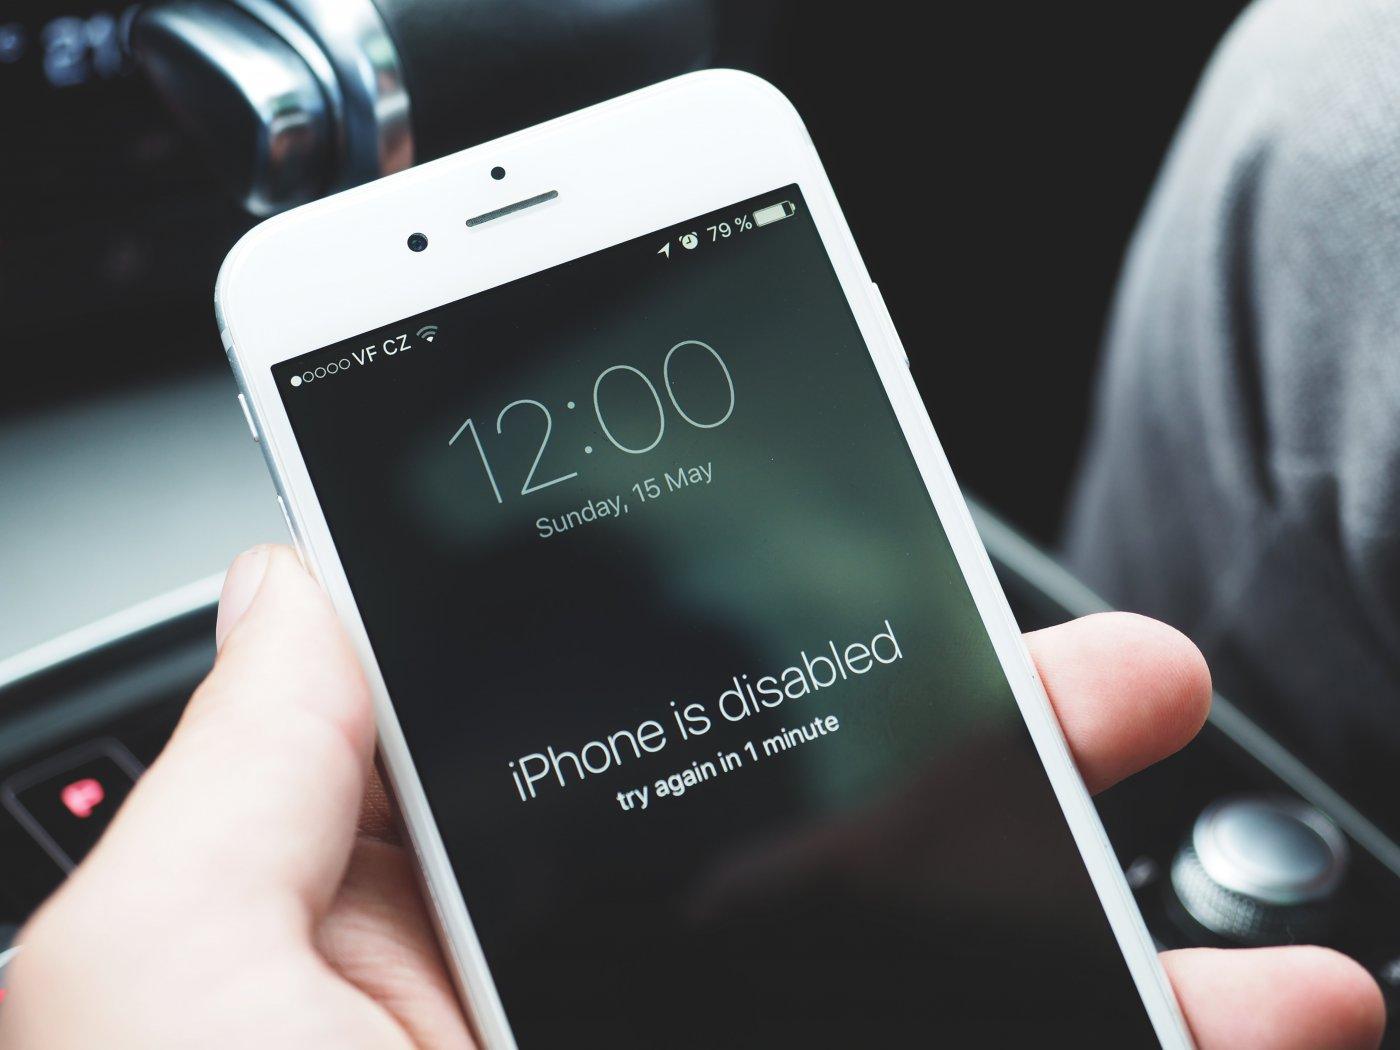 iPhone отключен, повторите через 1 минуту